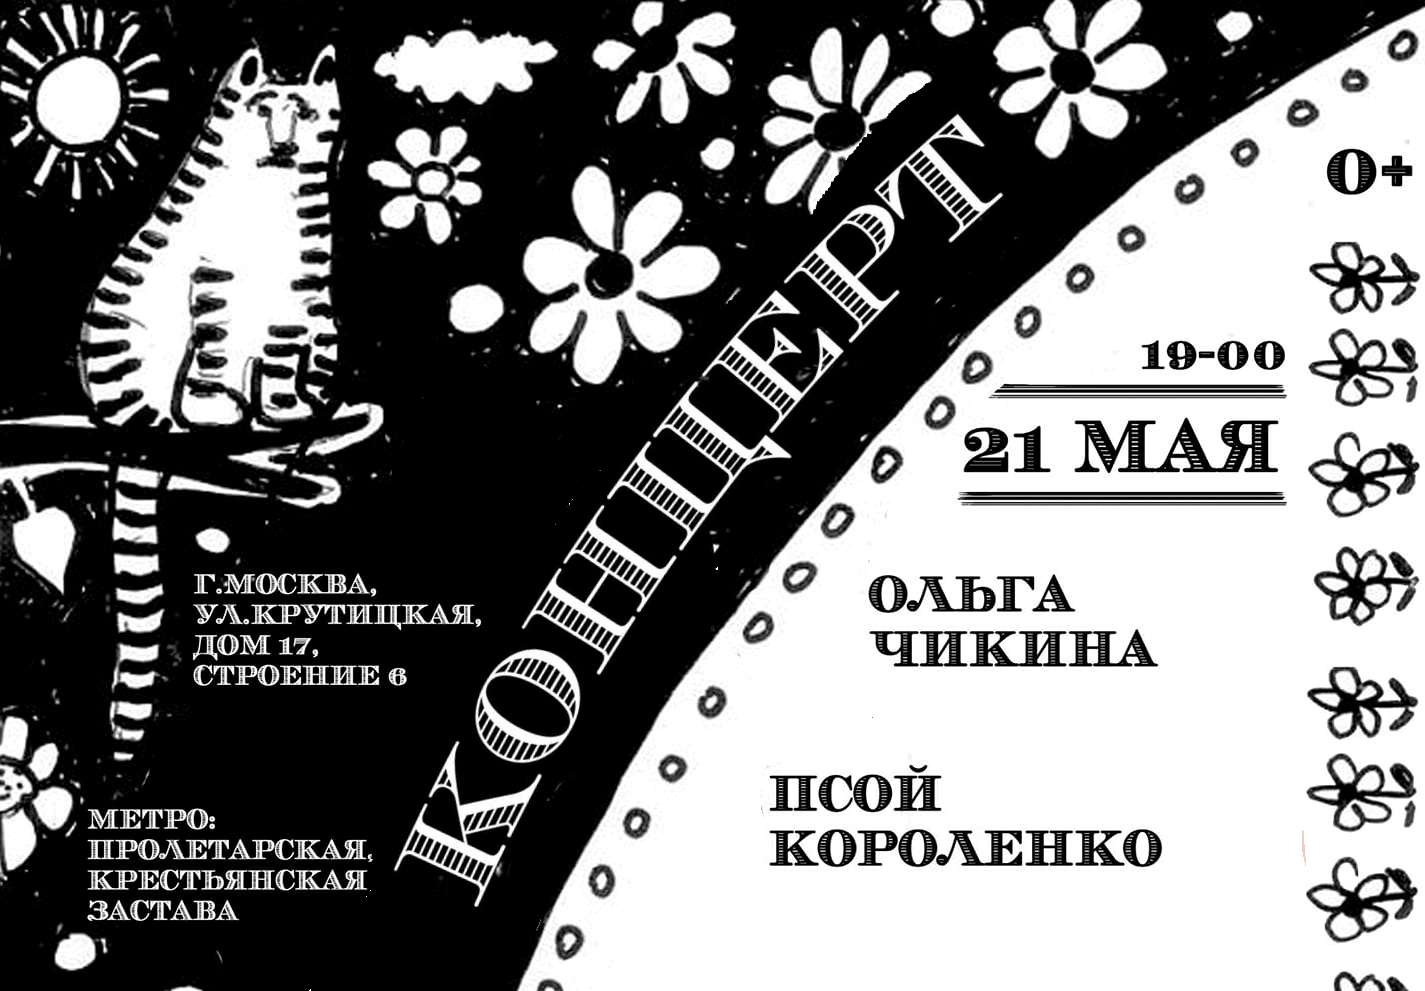 Концерт на Крутицком подворье 21 мая 2019 года.